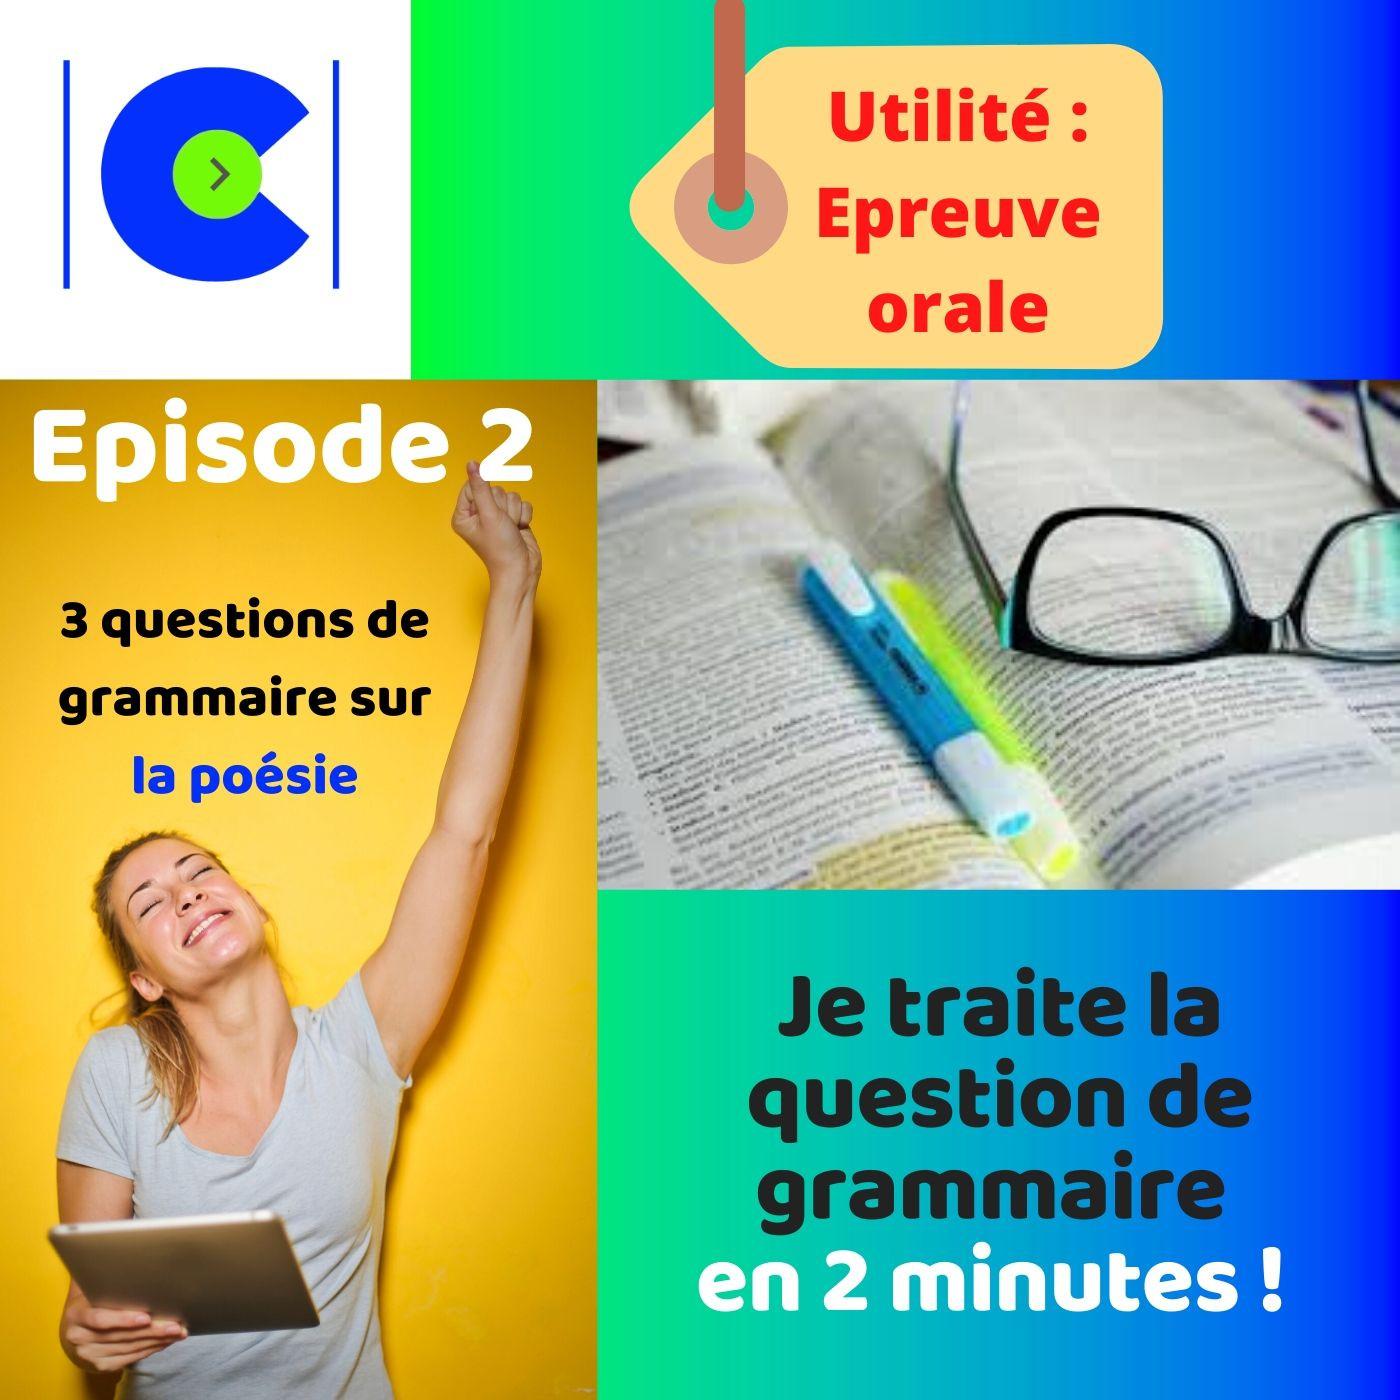 Comment répondre en 2 minutes à la question de grammaire ? Episode POESIE.